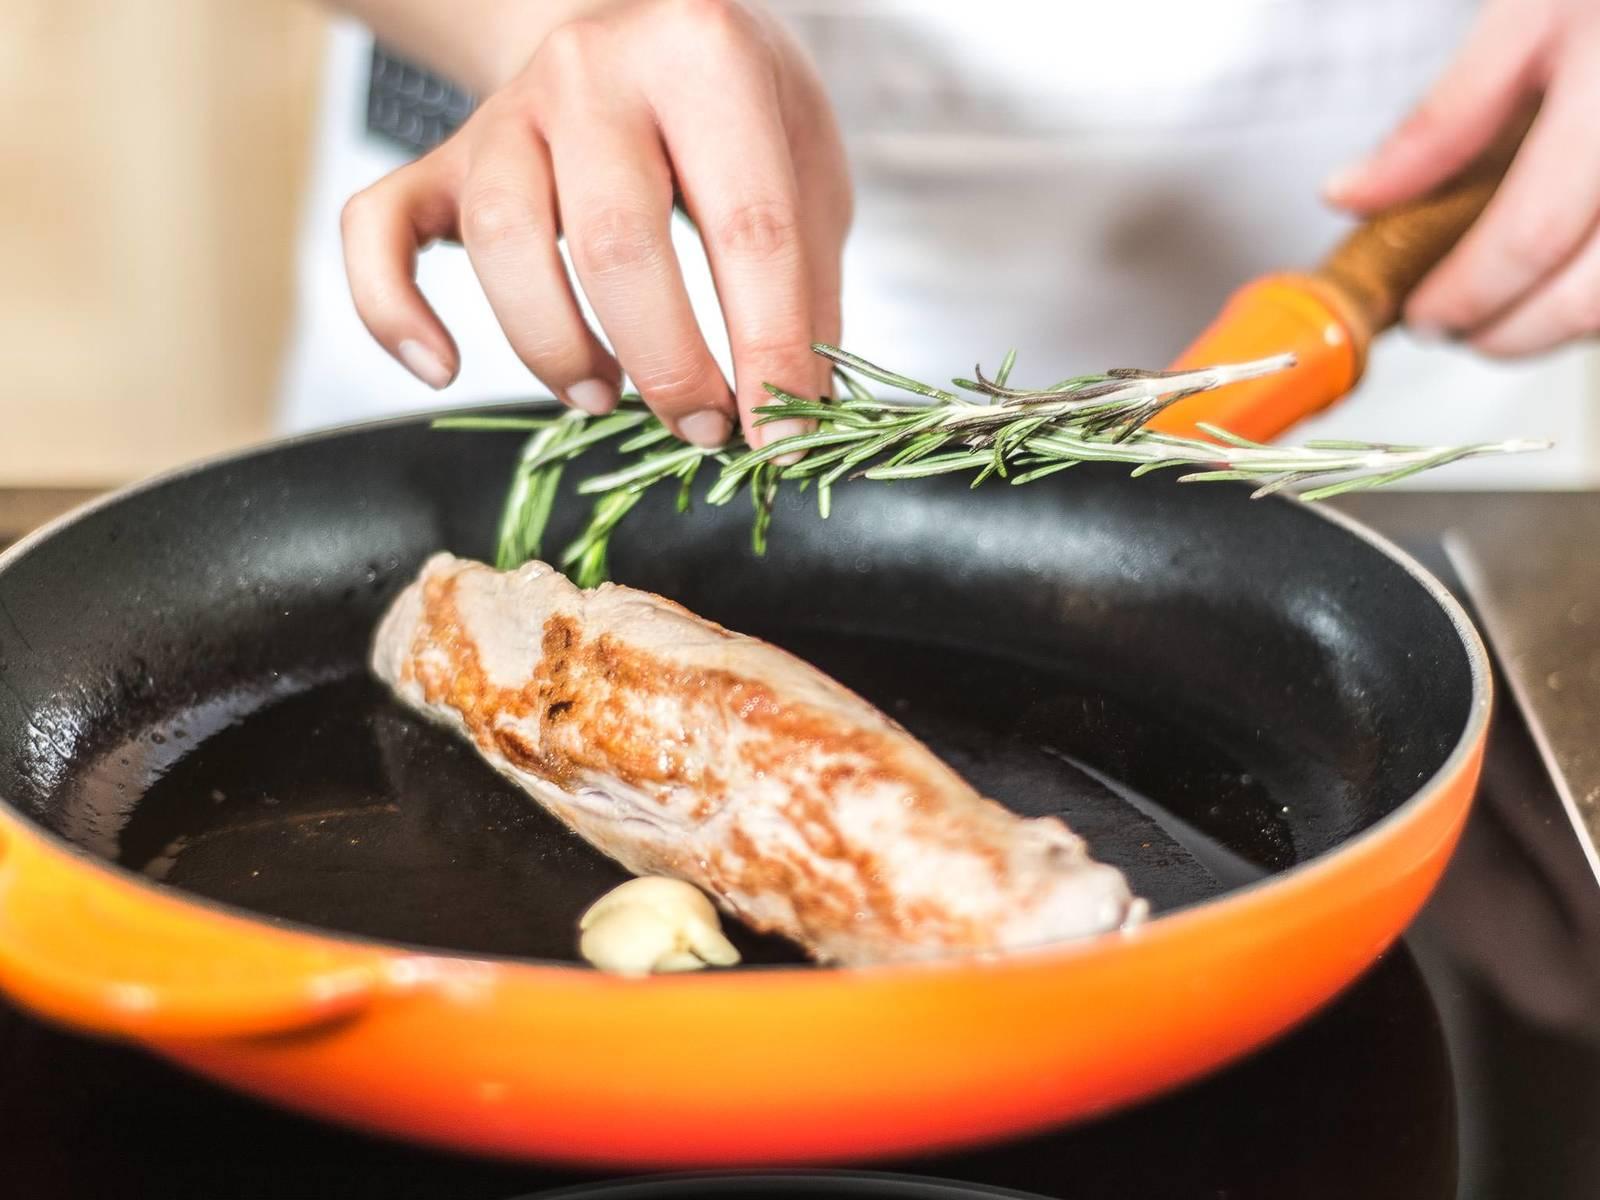 向猪里脊撒少许盐,在热锅中用高温煎至各面焦黄。然后加入胡椒粉,按碎的蒜瓣及迷迭香,再放入预热好的烤箱中用180摄氏度烤约10分钟。